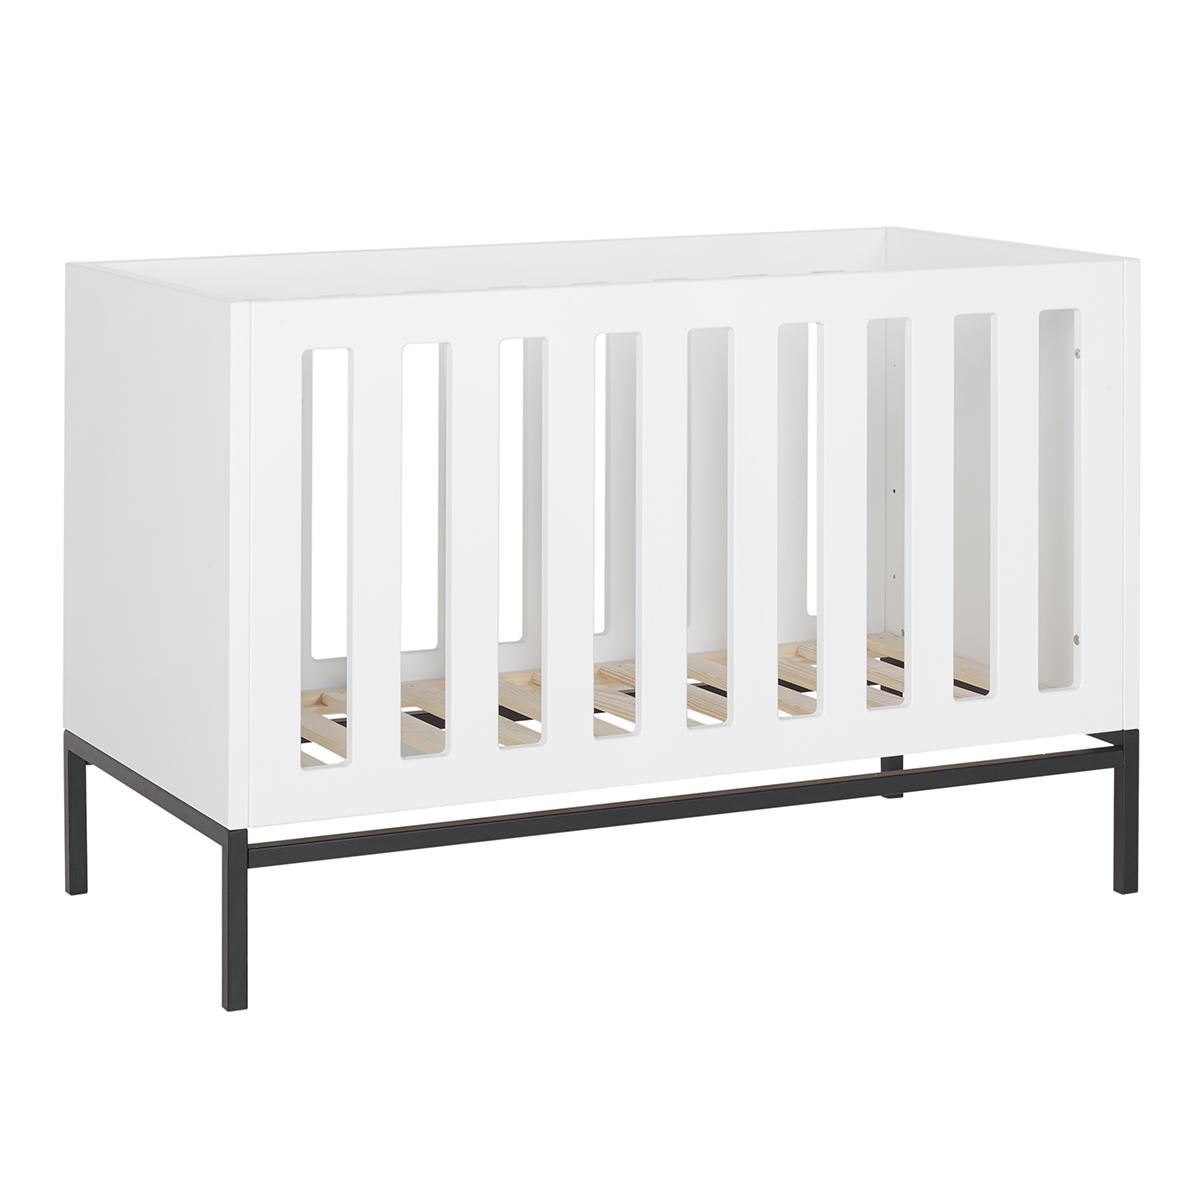 Lit bébé Lit Bébé Havana Blanc - 60 x 120 cm Quax - AR201810110162